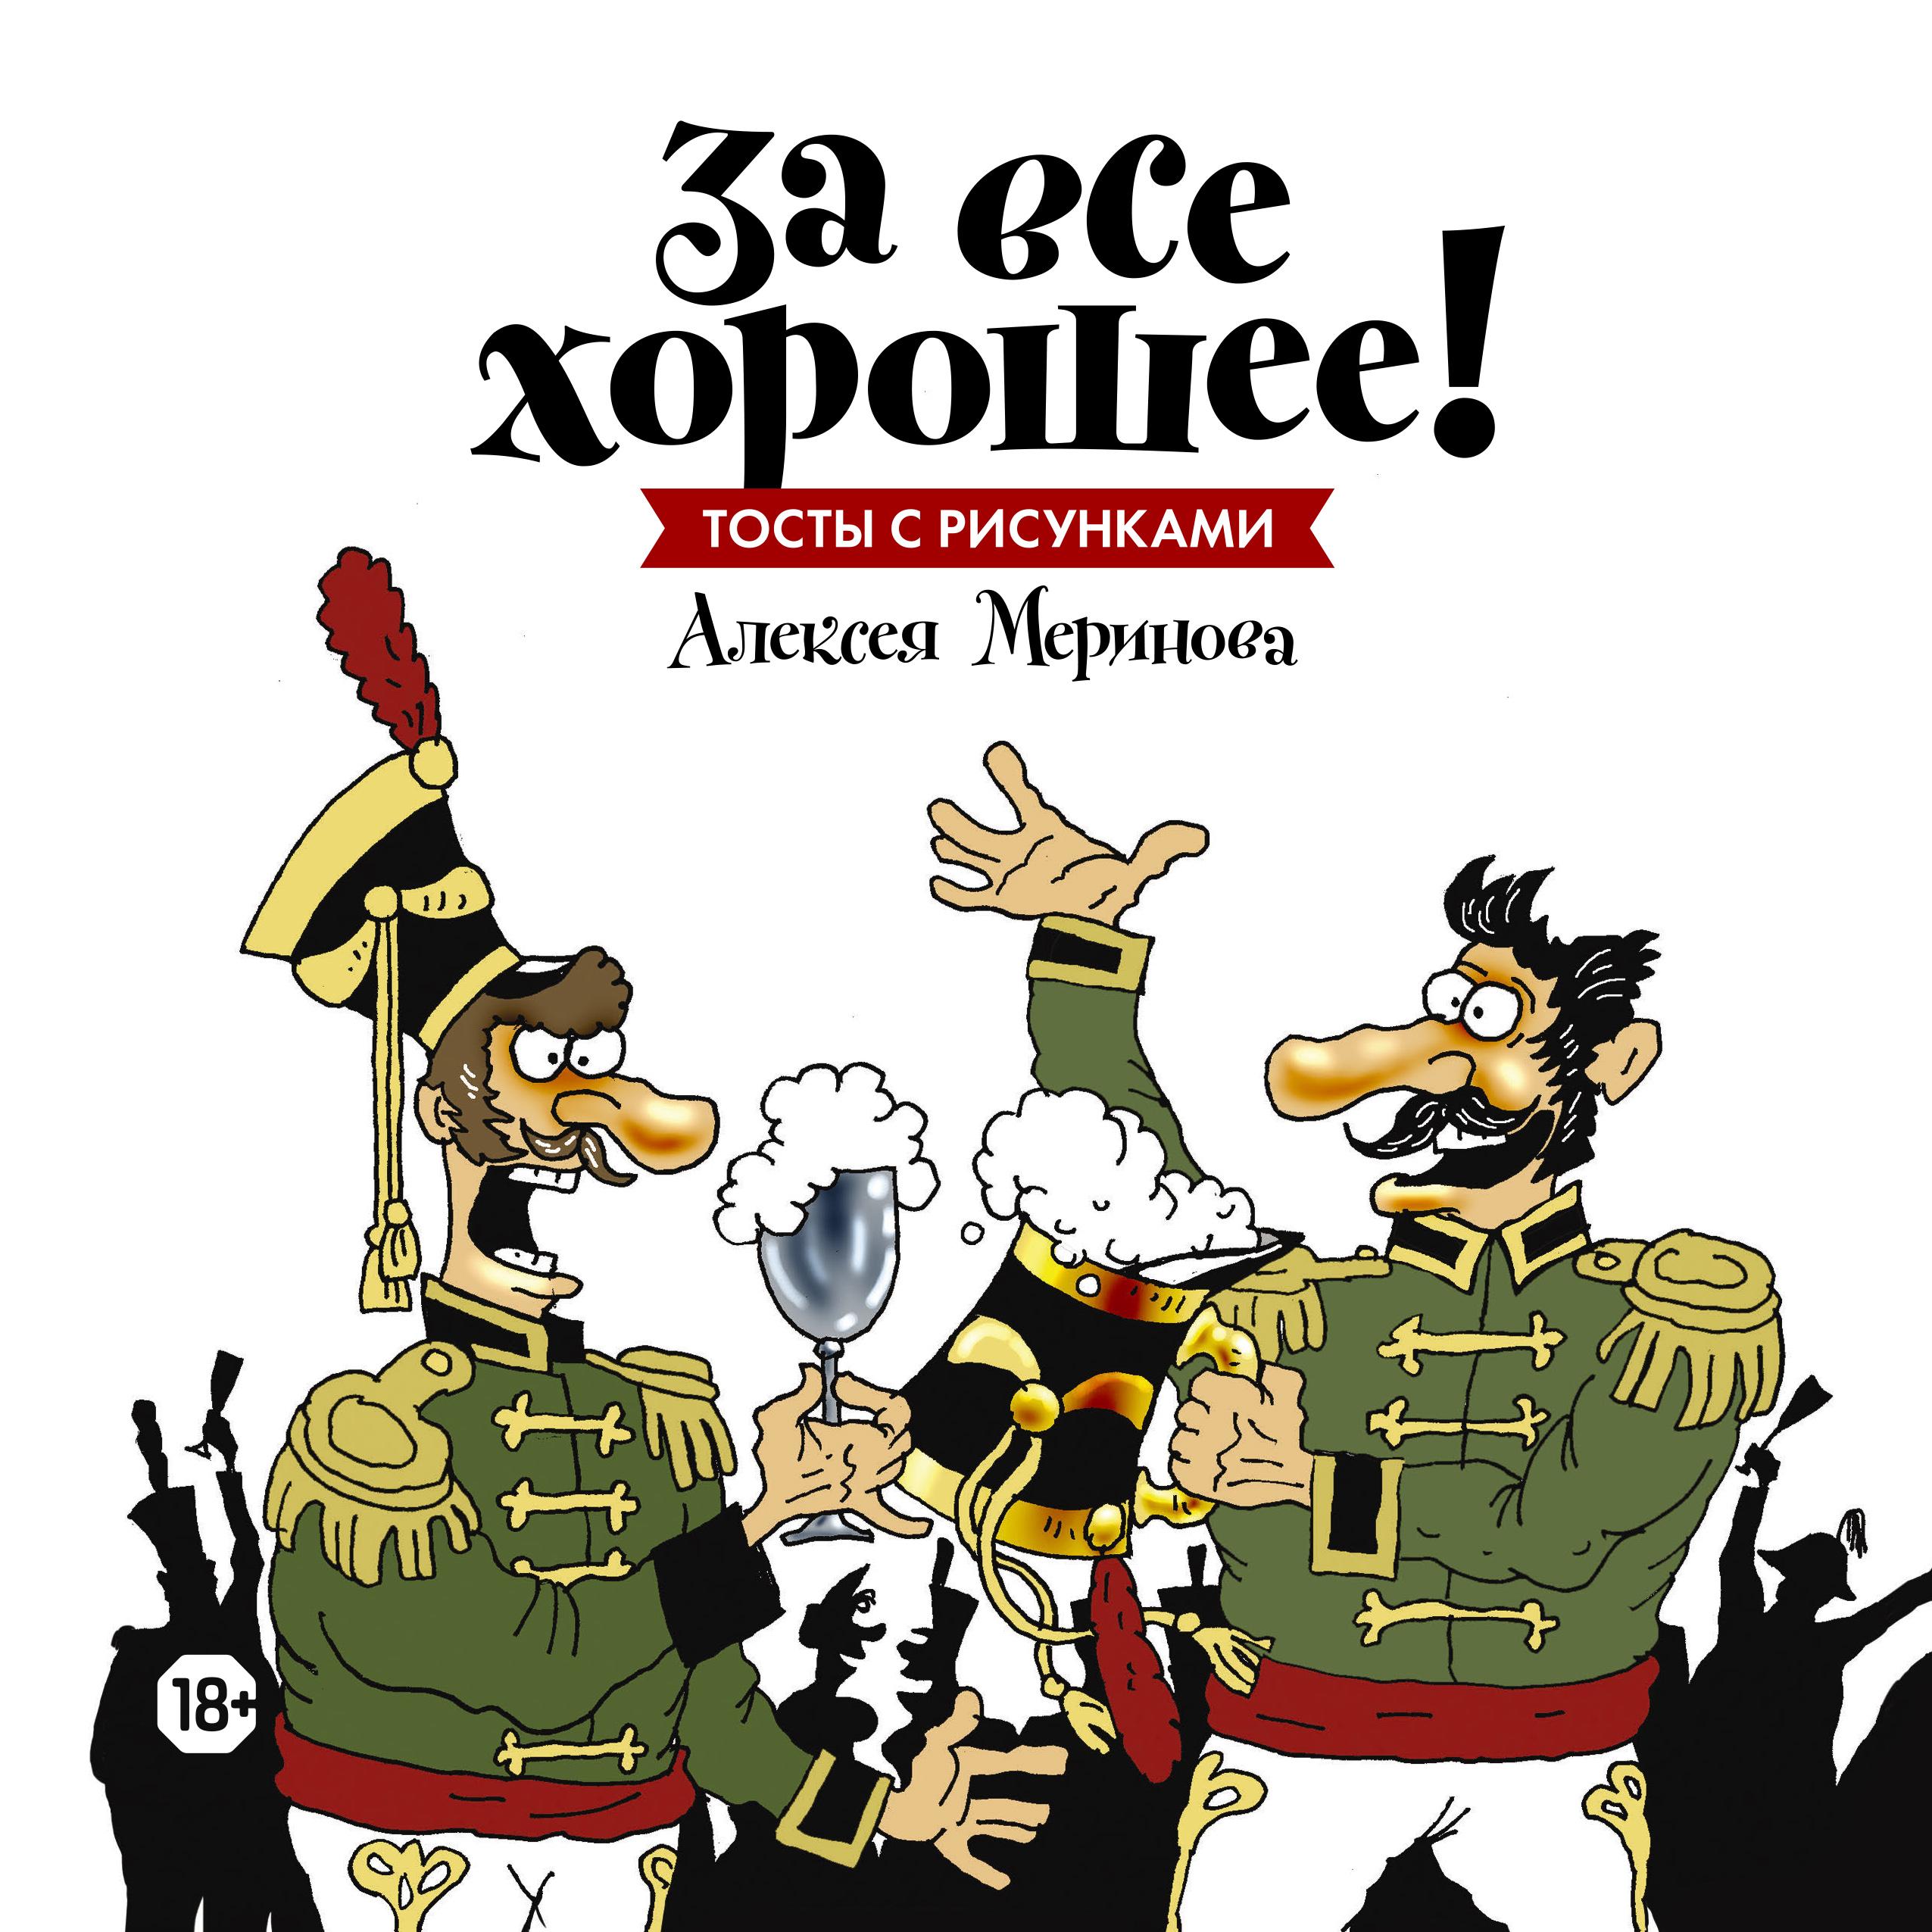 За все хорошее! Тосты с рисунками Алексея Меринова (обложка с гусарами)